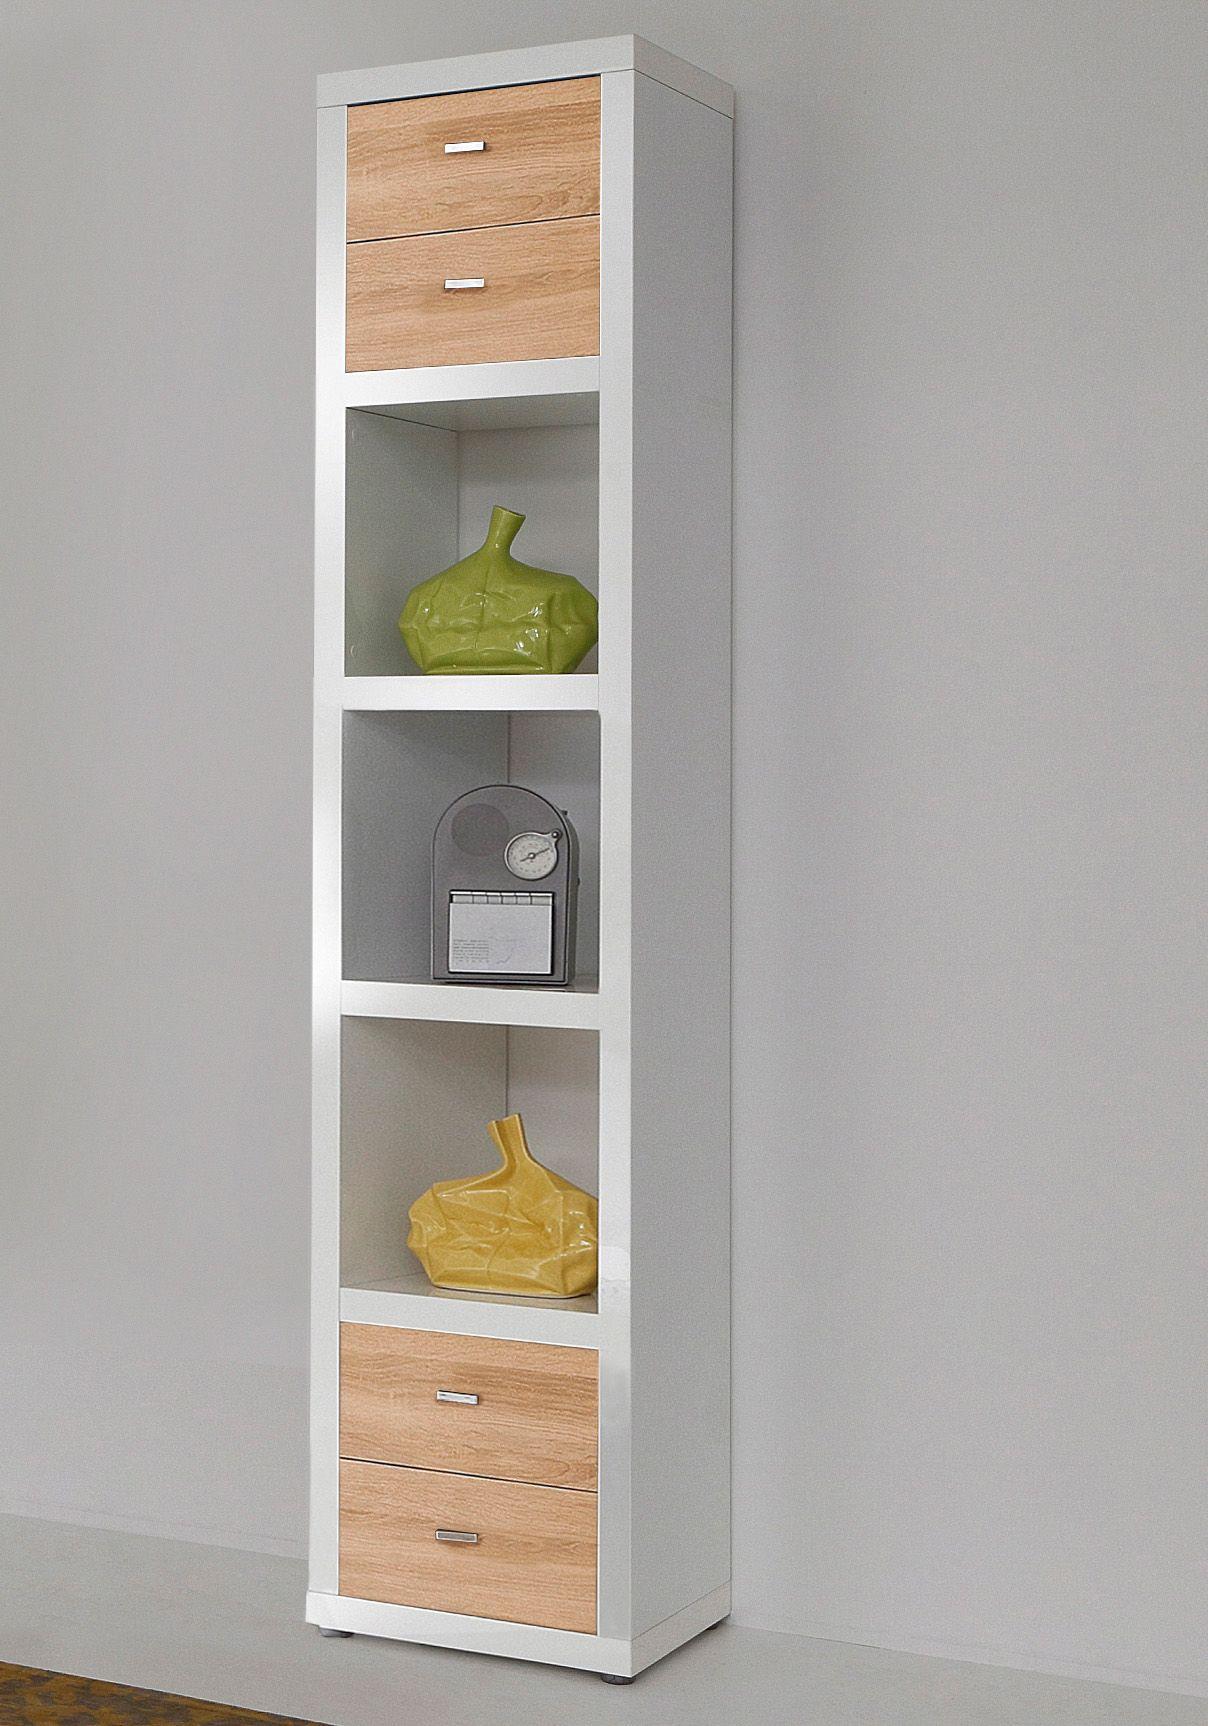 HMW Regal,  Möbel, Breite 44 cm